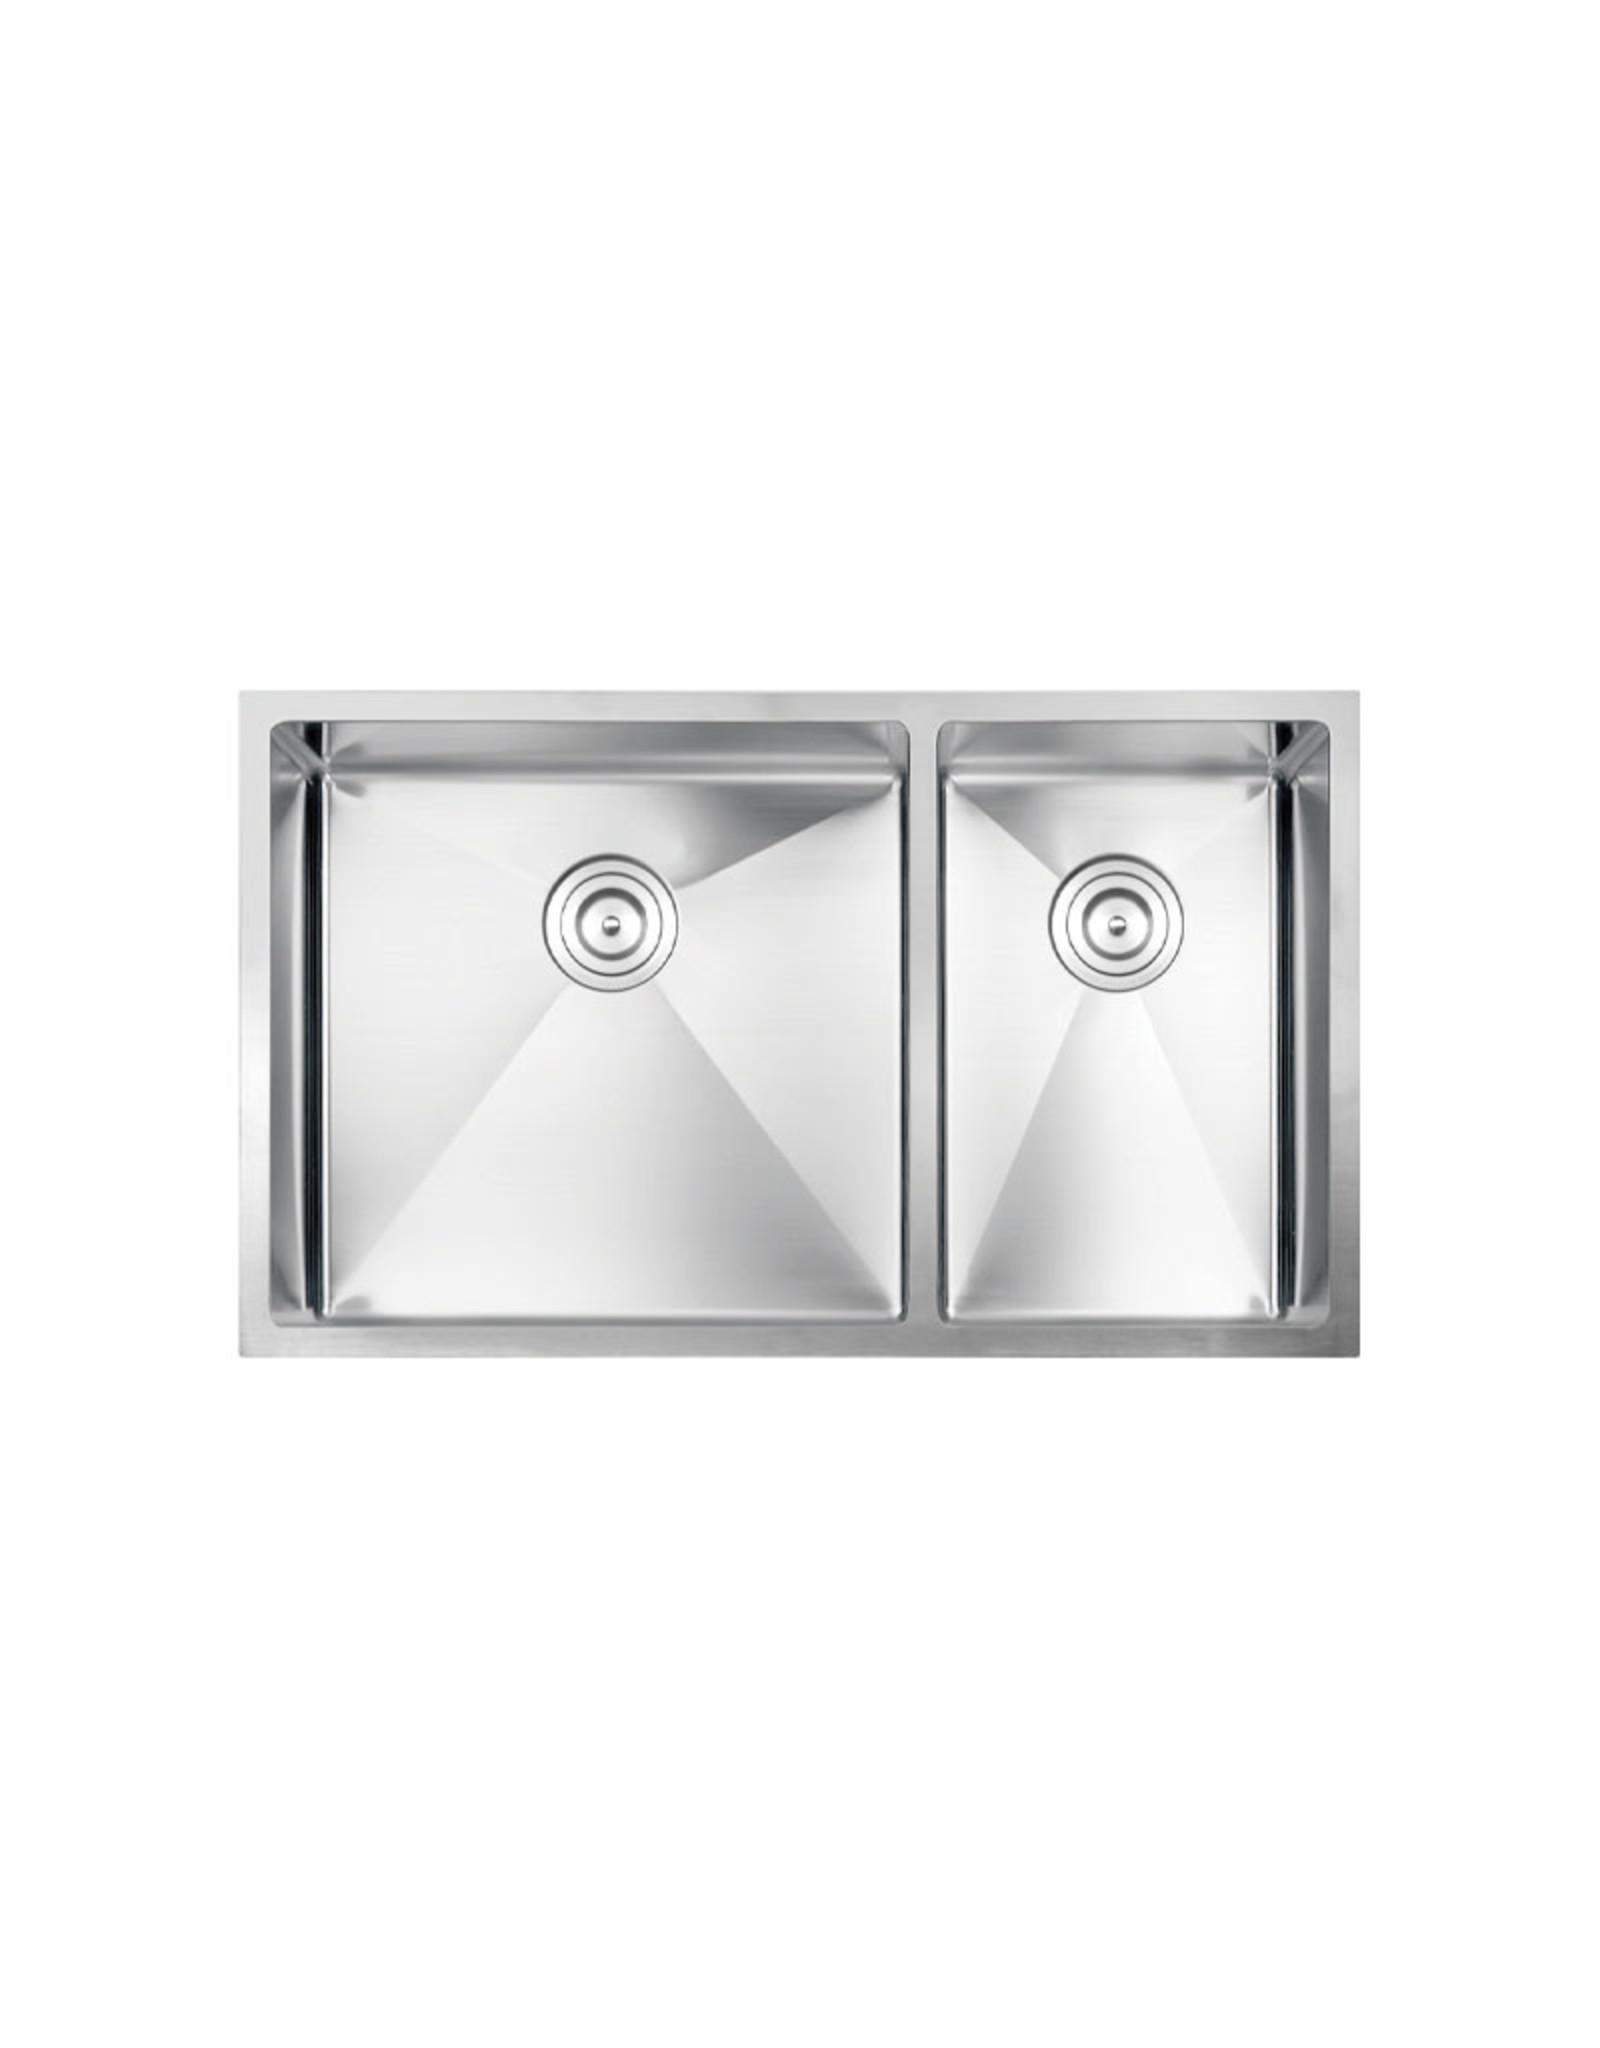 """Vogt Villach 16R Undermount Kitchen Sink Double Bowl (60/40) 32"""" x 18"""" x 10"""""""